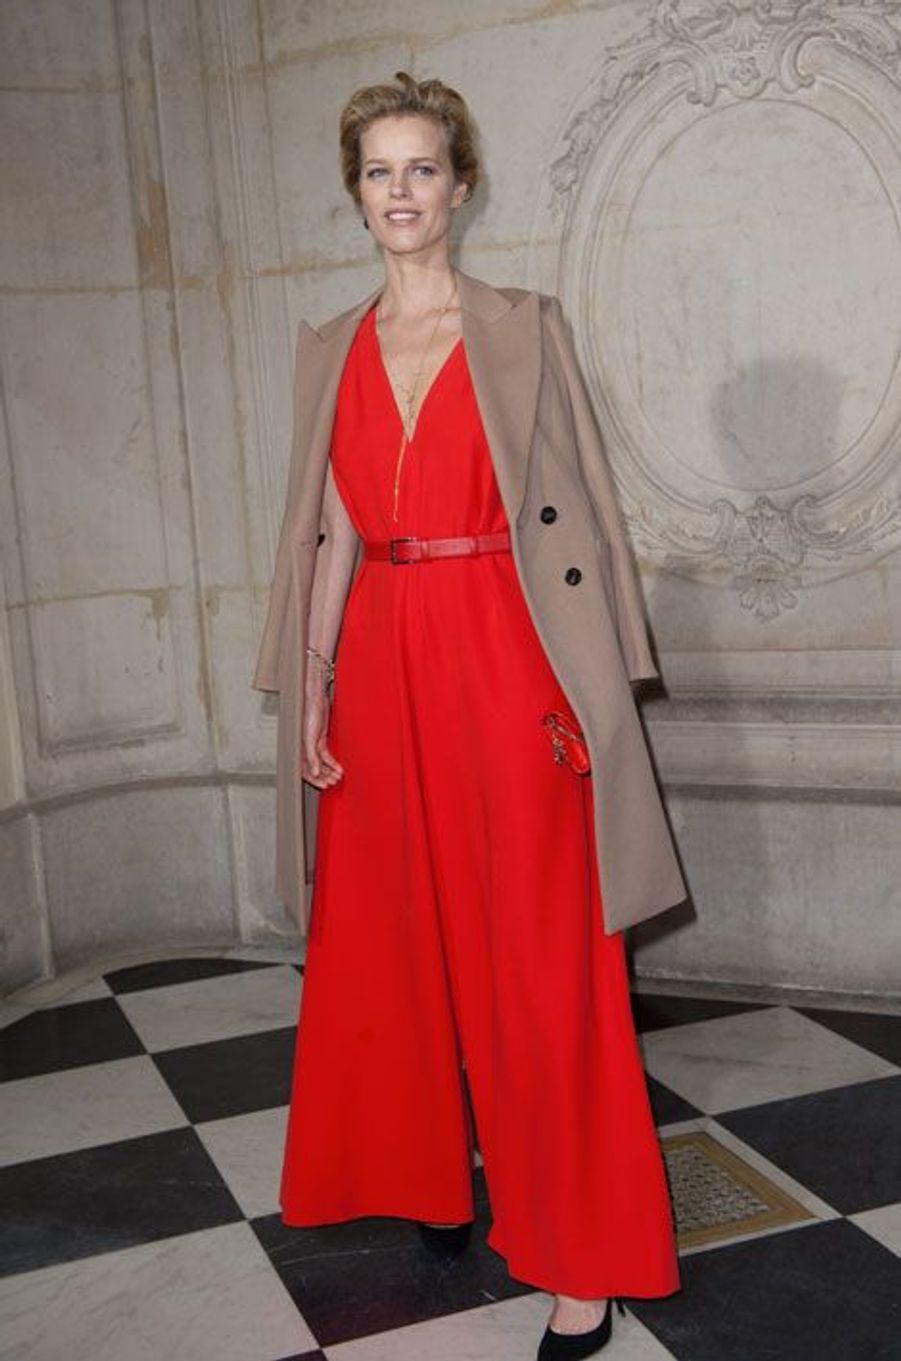 Le mannequin Eva Herzigova au défilé Christian Dior printemps-été 2015 à Paris, le 26 janvier 2015